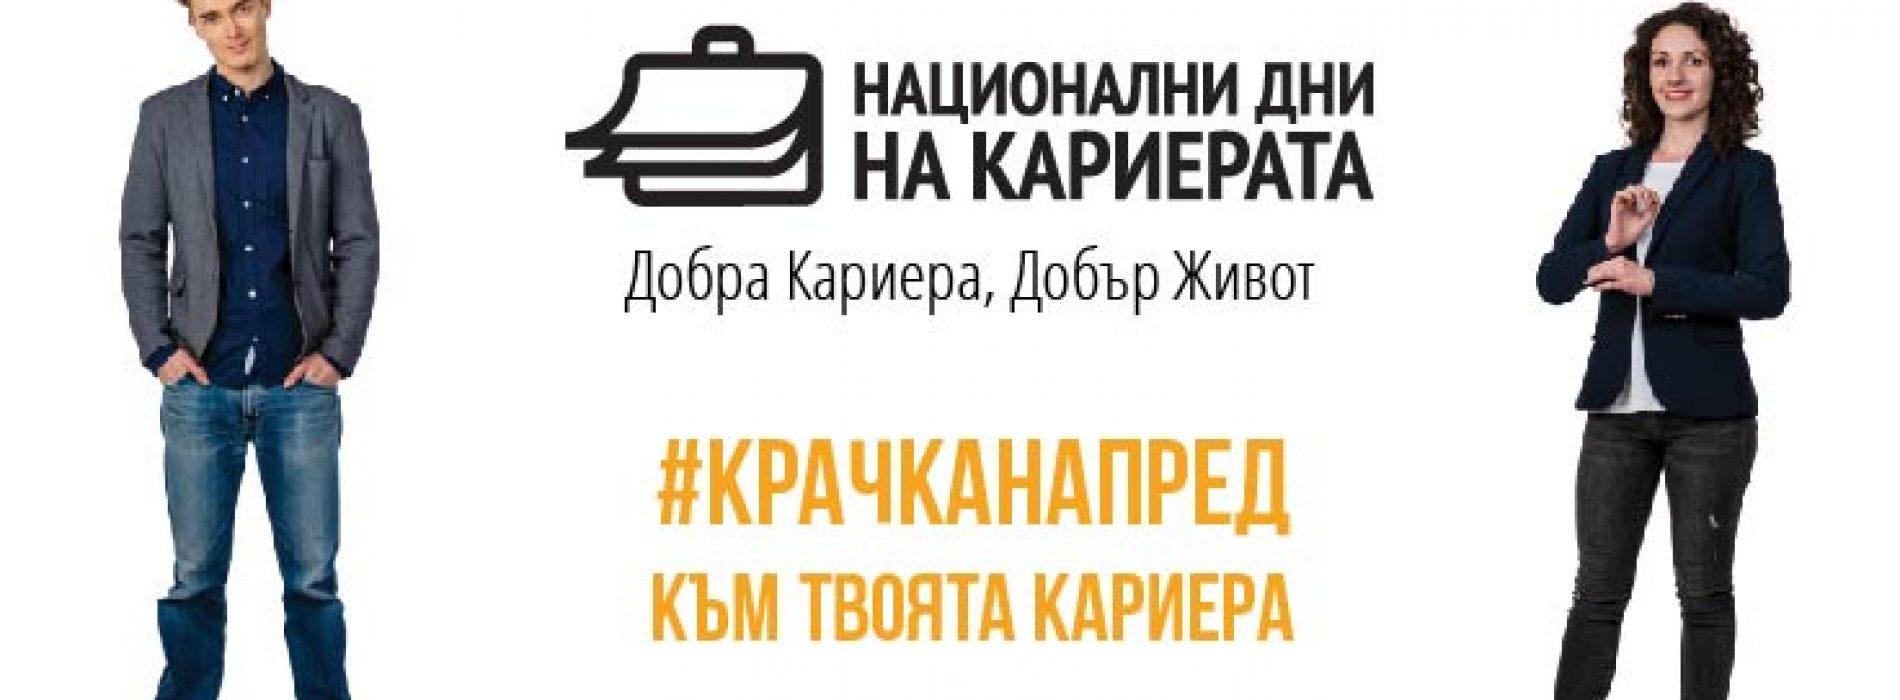 """Вече 18 години форумът """"Национални дни на кариерата – Добра Кариера, Добър Живот"""" задържа младите специалисти в България"""